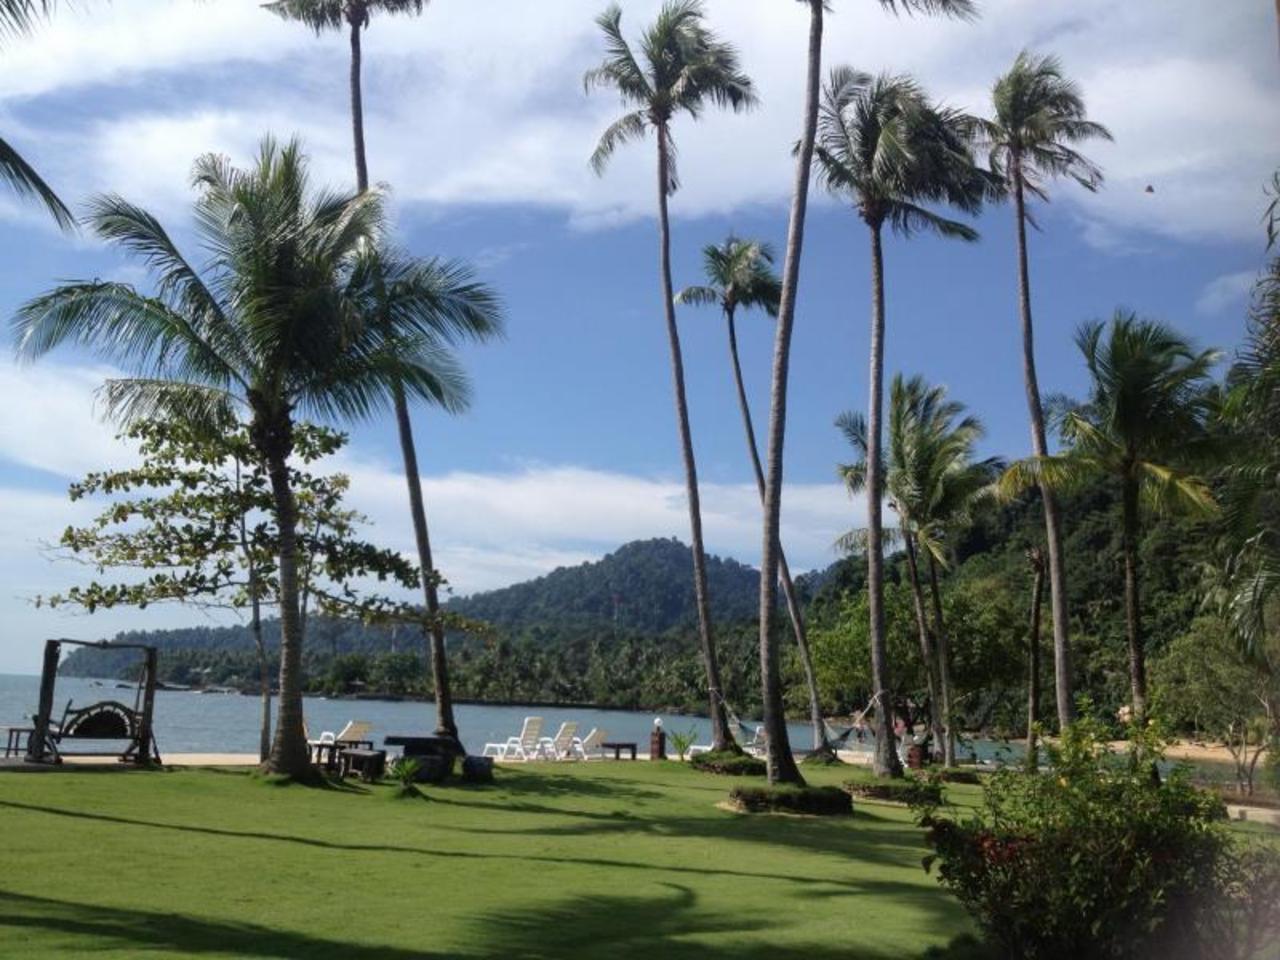 เกาะช้าง ใบลาน บีช รีสอร์ท (Koh Chang Bailan Beach Resort)